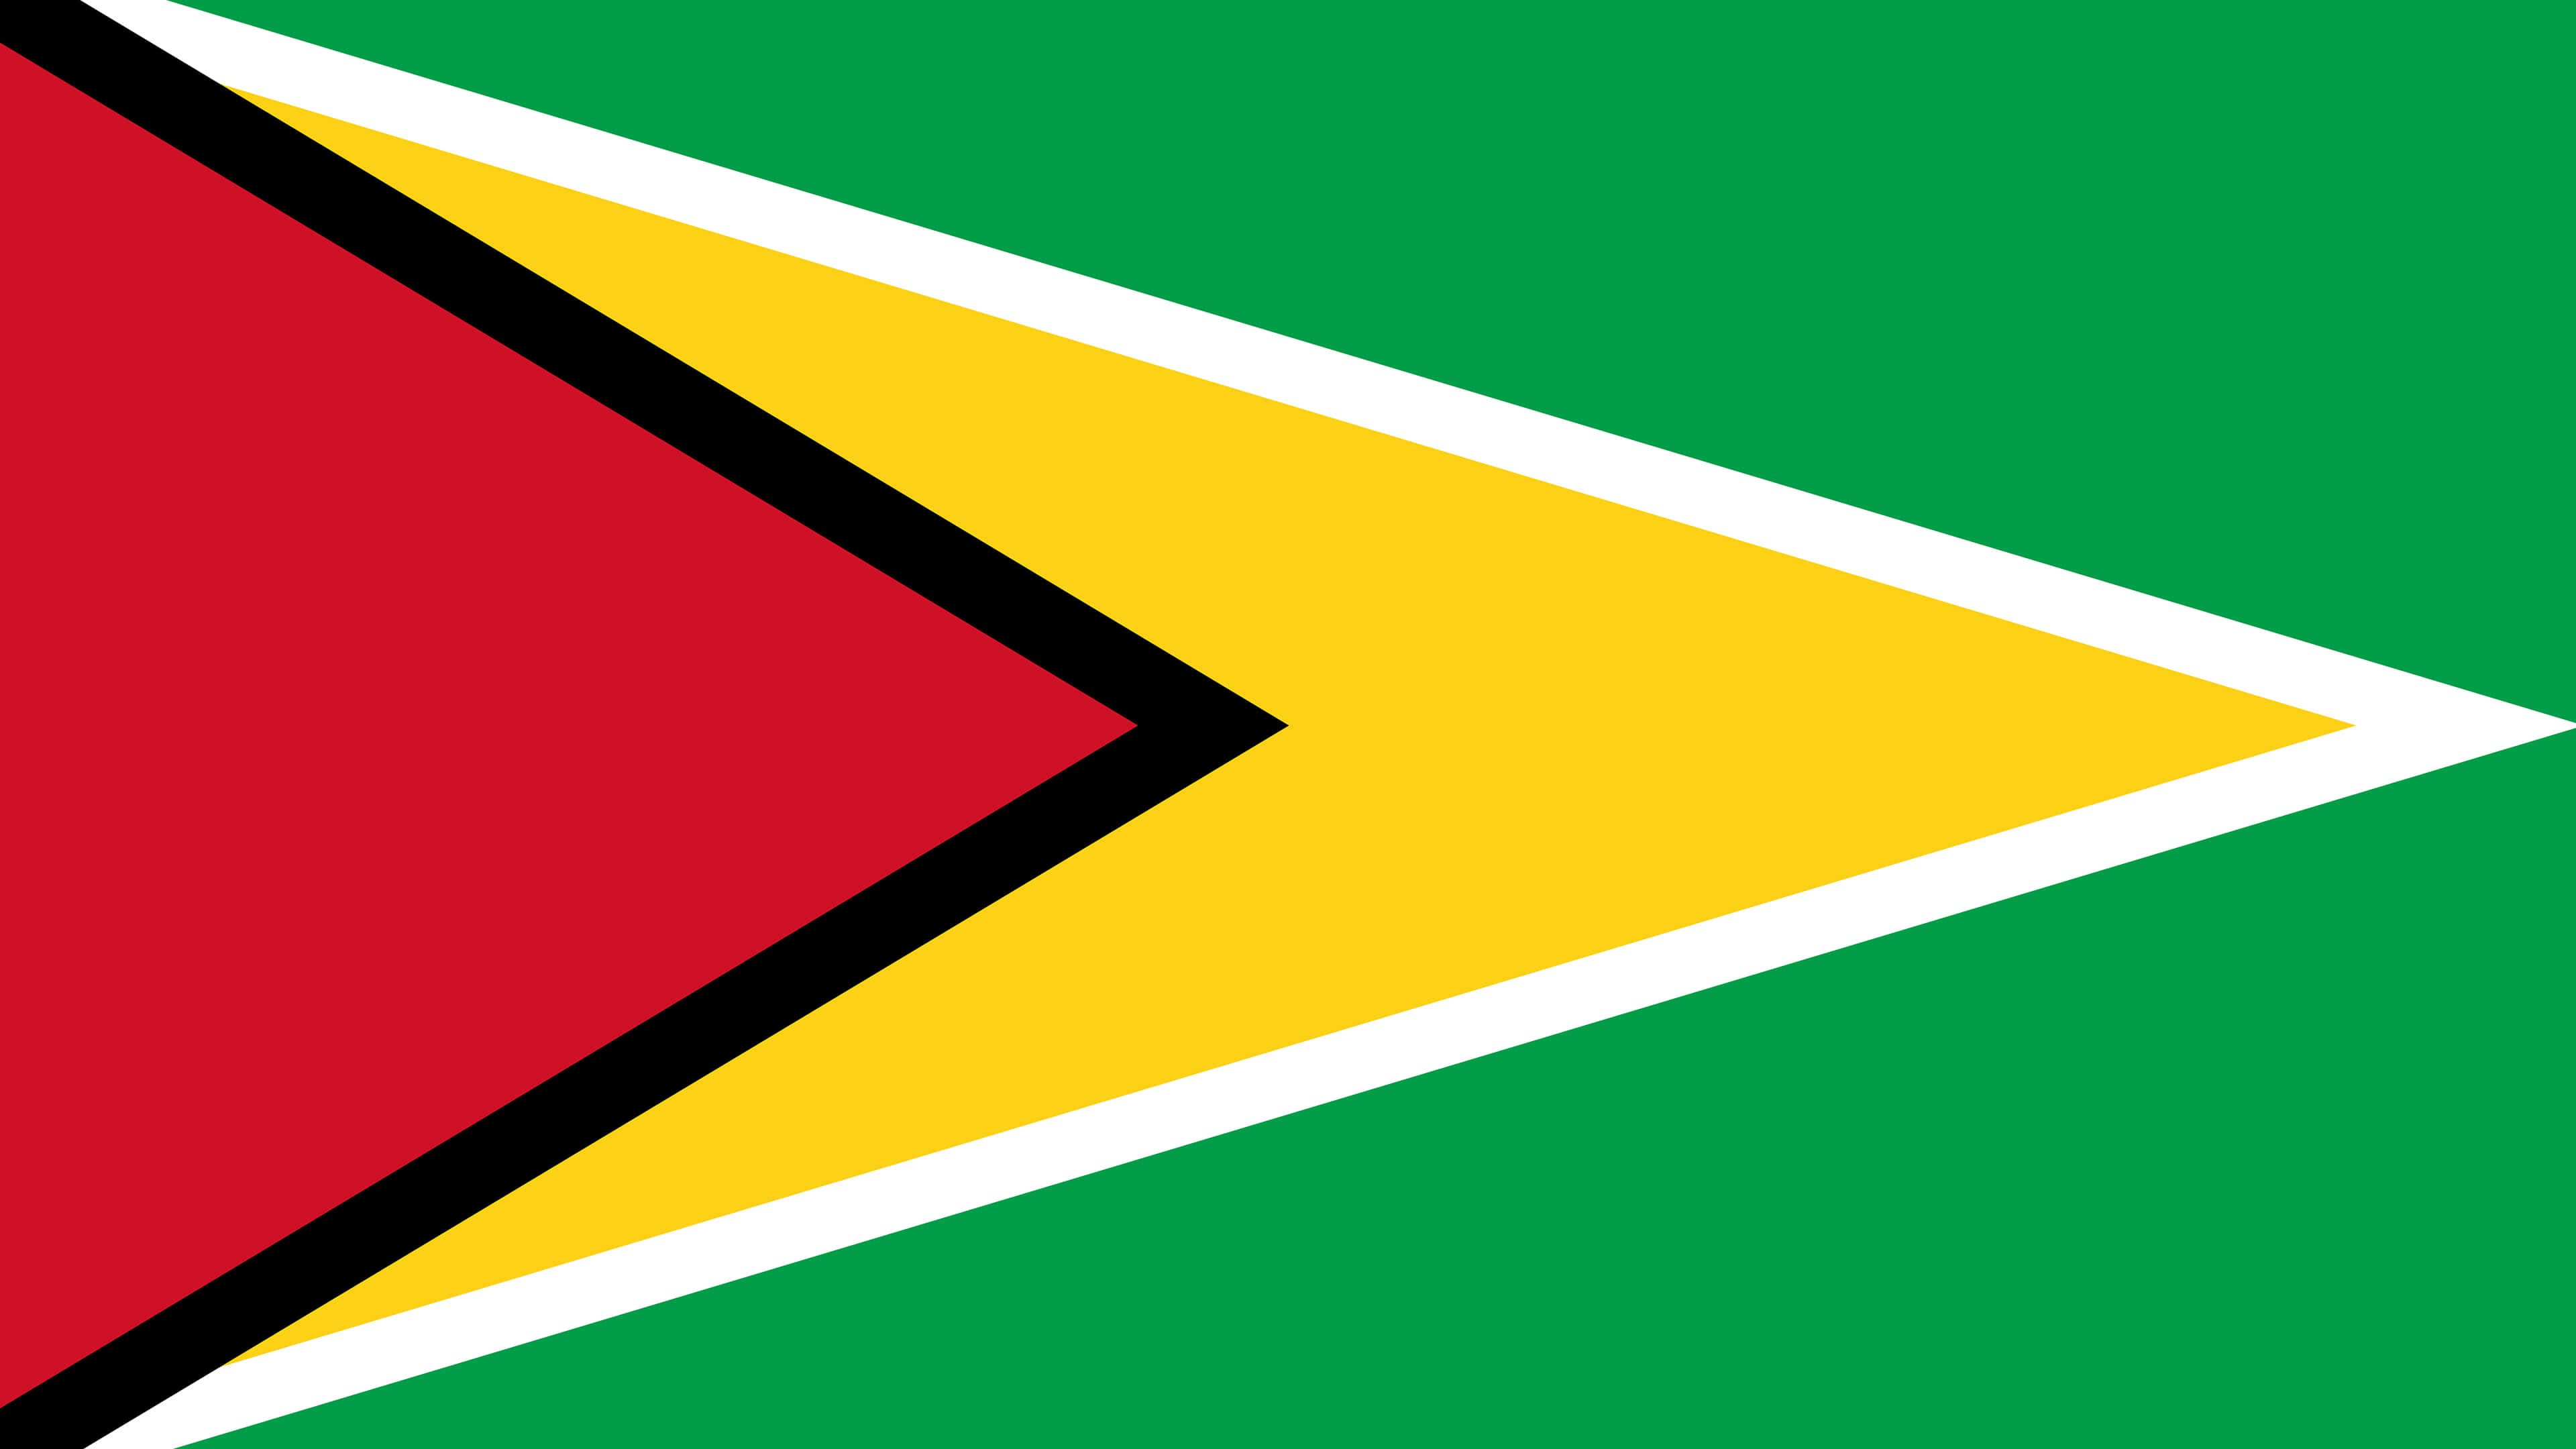 guyana flag uhd 4k wallpaper